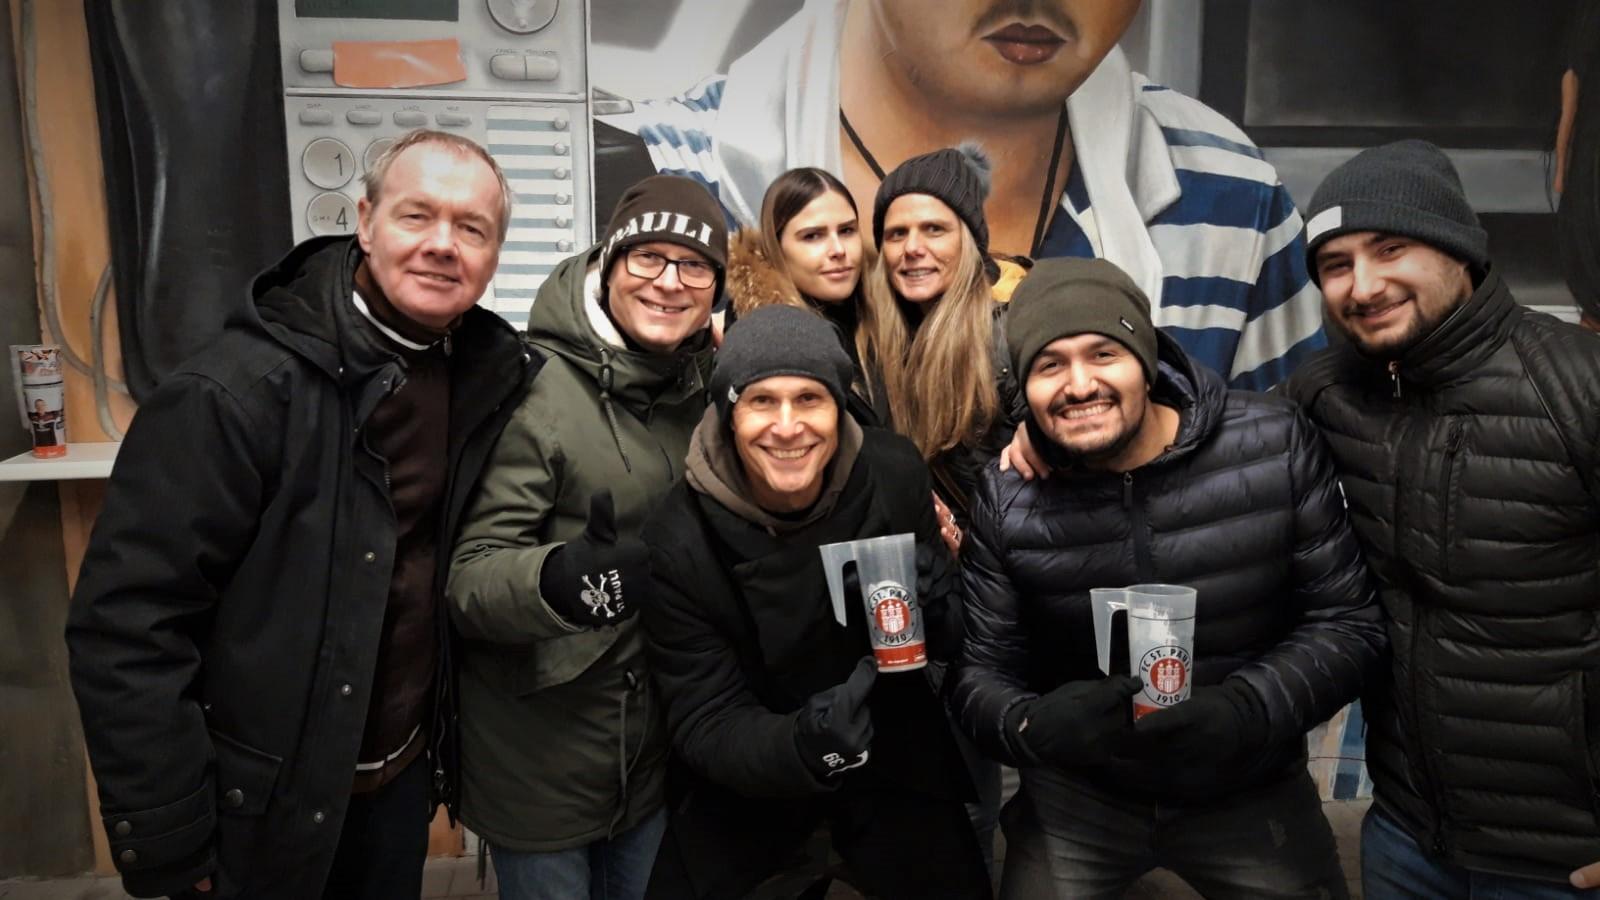 von links nach rechts: Michael S., Torsten, Matthias Schwede, Tochter von Matthias, Ute Schwede, Ramadan und ihr Freund, die alle aus Bremen kamen. Der Sohn Tobias Schwede ist Fußballprofi für Wehen Wiesbaden.